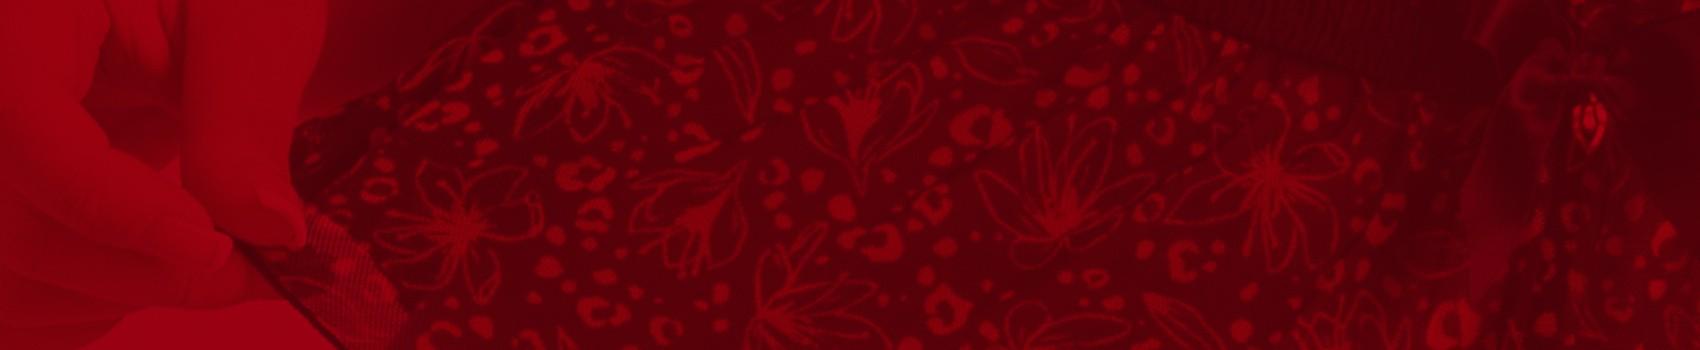 Love-Lessons-Lingerie-Header-Desktop-1700x350-1